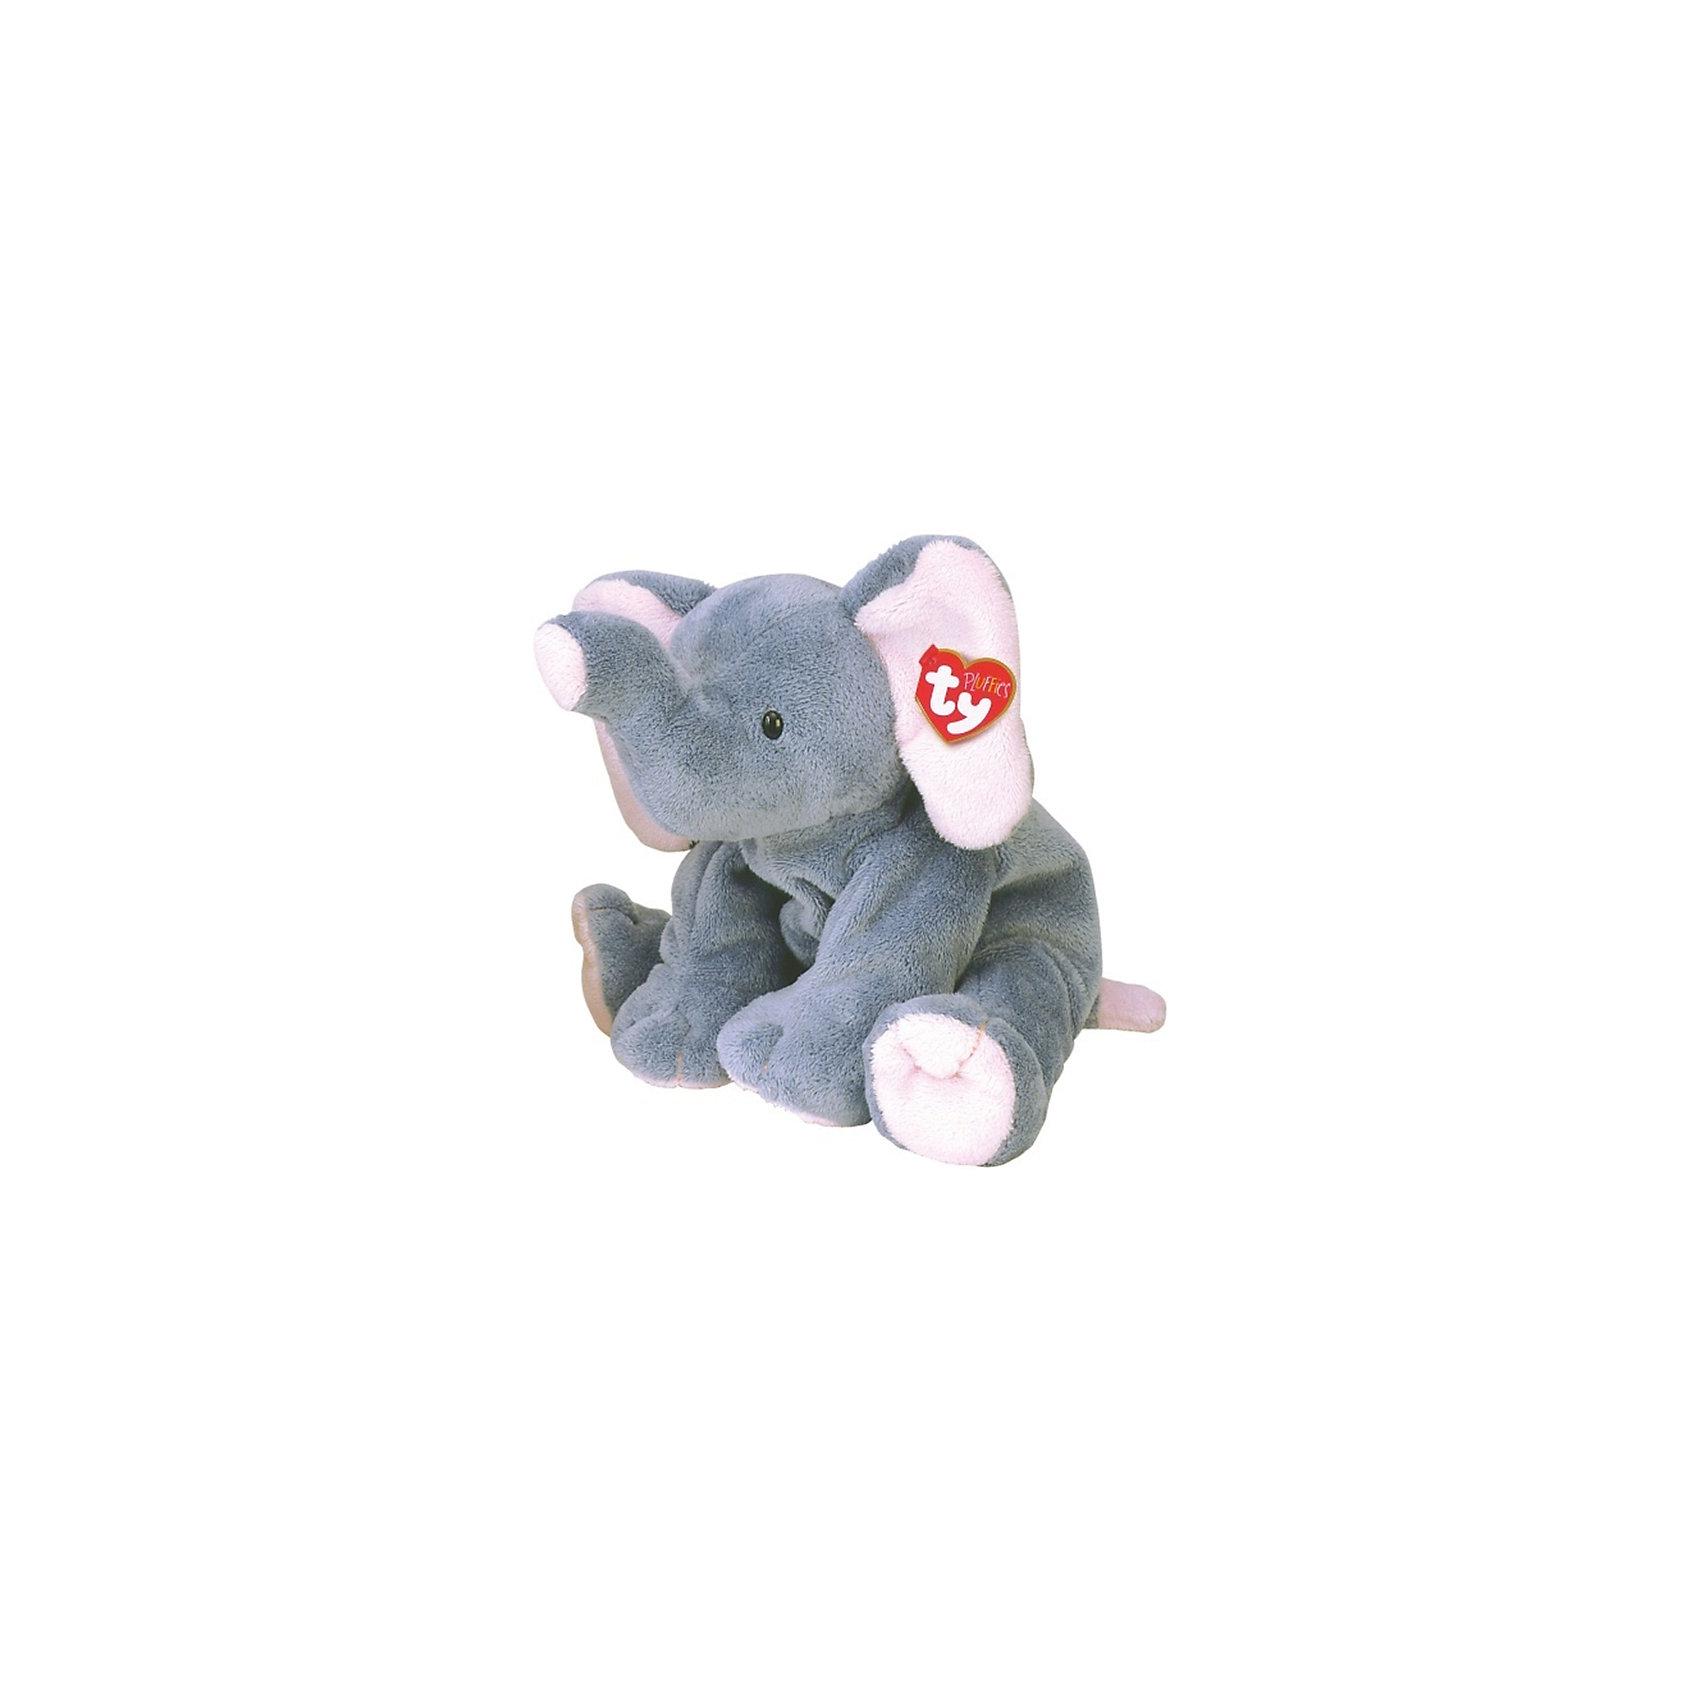 Cлон Winks , 25 смМягкие игрушки животные<br>Cлон Winks, 25 см – игрушка от бренда TY Inc (ТАЙ Инкорпорейтед), знаменитого своими мягкими игрушками, в качестве наполнителя для которых используются гранулы. Слон выполнен из качественного и гипоаллергенного плюша голубого и белого цветов. Используемые материалы делают игрушку прочной, устойчивой к изменению цвета и формы, ее разрешается стирать.<br>Cлон Winks, 25 см TY Inc непременно станет любимой игрушкой для вашего ребенка, а уникальный наполнитель будет способствовать  не  только развитию мелкой моторики пальцев, но и оказывать релаксирующее воздействие.<br><br>Дополнительная информация:<br><br>- Вид игр: сюжетно-ролевые игры, интерьерные игрушки, для коллекционирования<br>- Предназначение: для дома<br>- Материал: искусственный мех, пластик, наполнитель ? гранулы<br>- Высота: 25 см<br>- Особенности ухода: разрешается стирка<br>Подробнее:<br><br>• Для детей в возрасте: от 3 лет <br>• Страна производитель: Китай<br>• Торговый бренд: TY Inc <br><br>Cлона Winks, 25 см можно купить в нашем интернет-магазине.<br><br>Ширина мм: 470<br>Глубина мм: 350<br>Высота мм: 250<br>Вес г: 170<br>Возраст от месяцев: 36<br>Возраст до месяцев: 2147483647<br>Пол: Унисекс<br>Возраст: Детский<br>SKU: 4936258